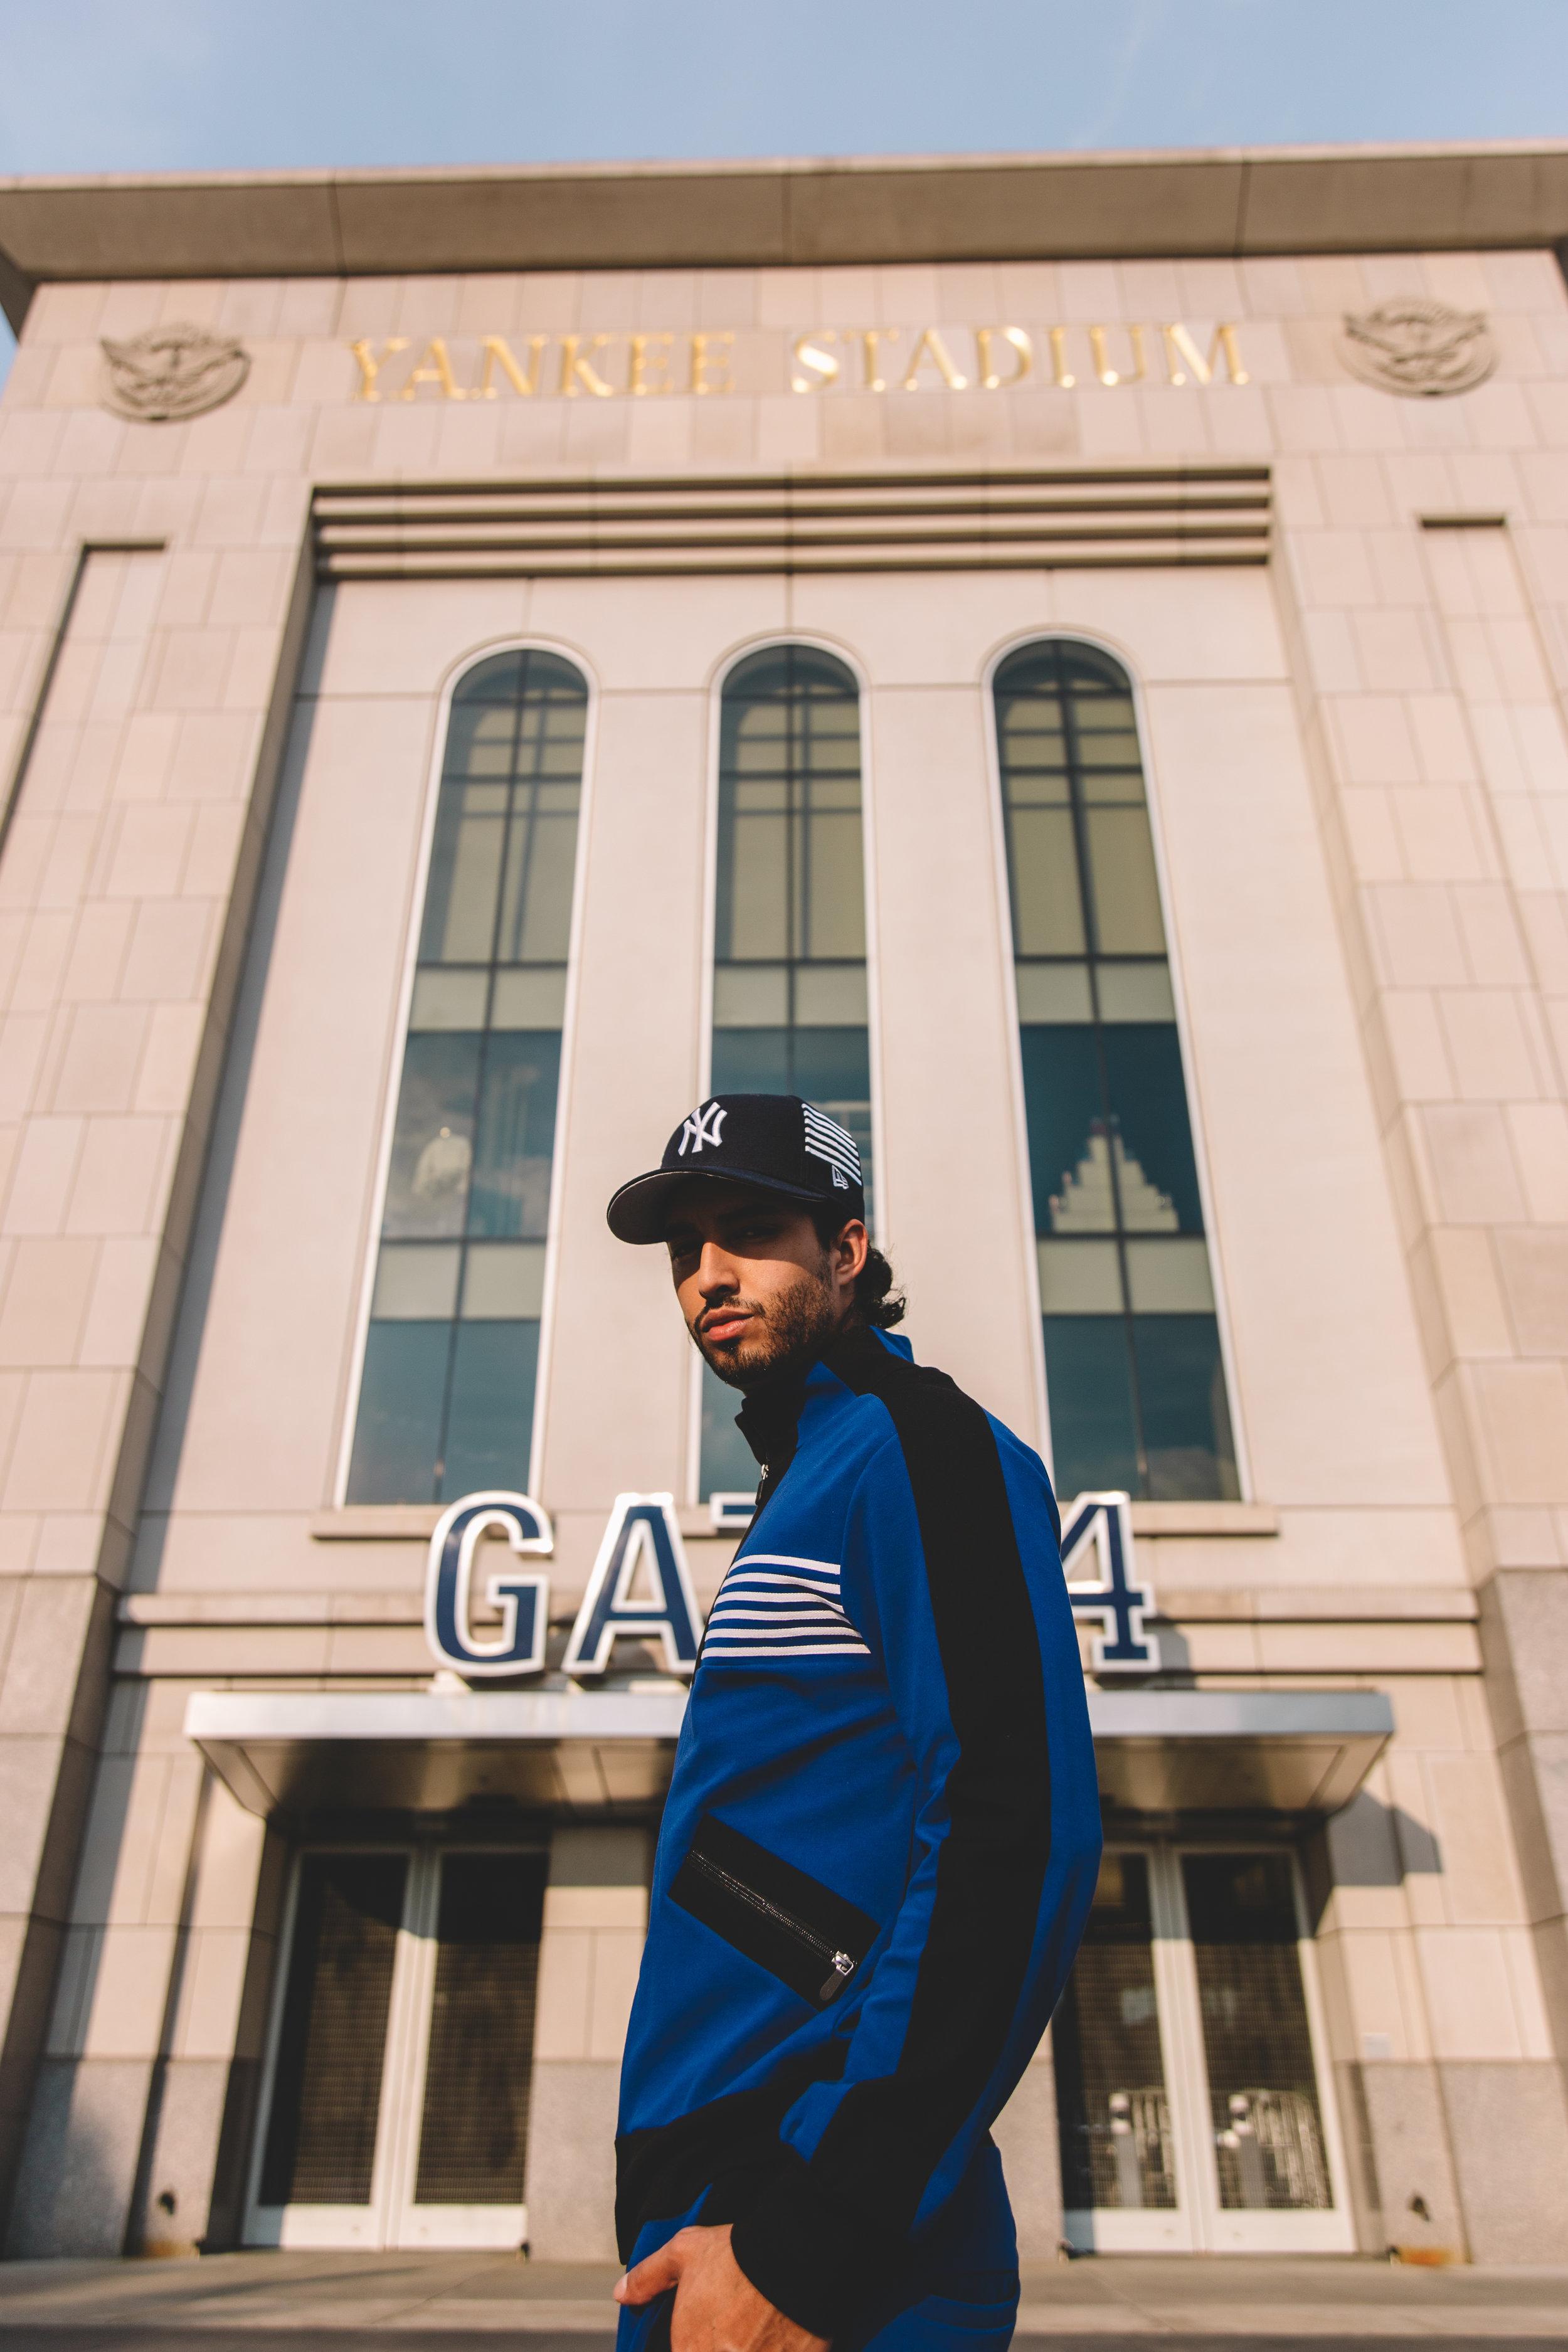 GG+Yankee Stadium2.jpg